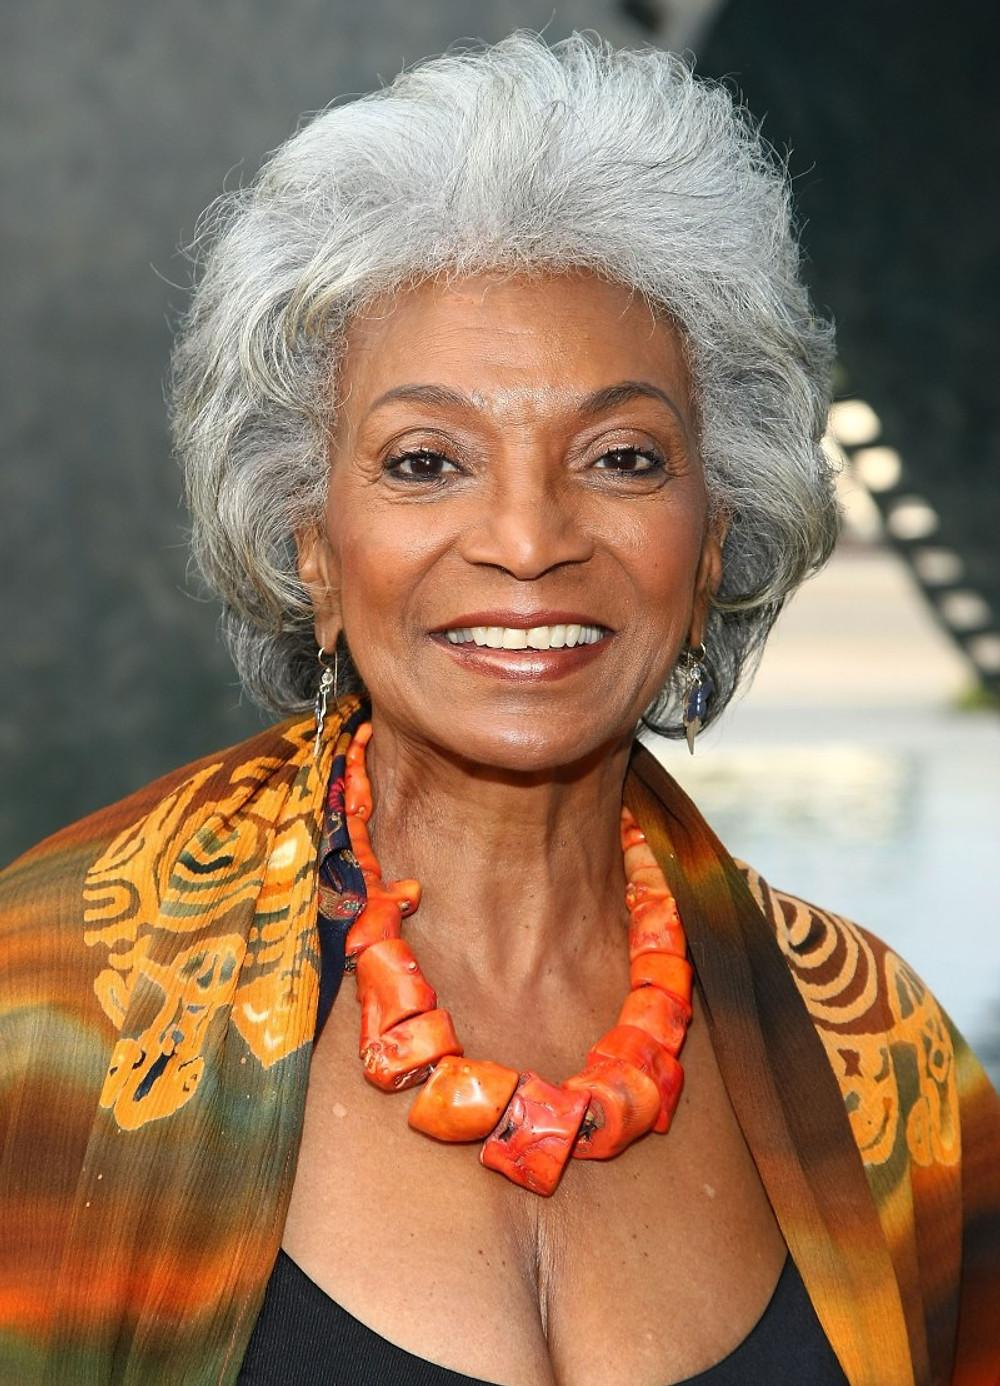 Nichelle Nichols. En 1968, elle participe au premier baiser entre une femme noire et un homme blanc à la télévision américaine dans Star Trek.